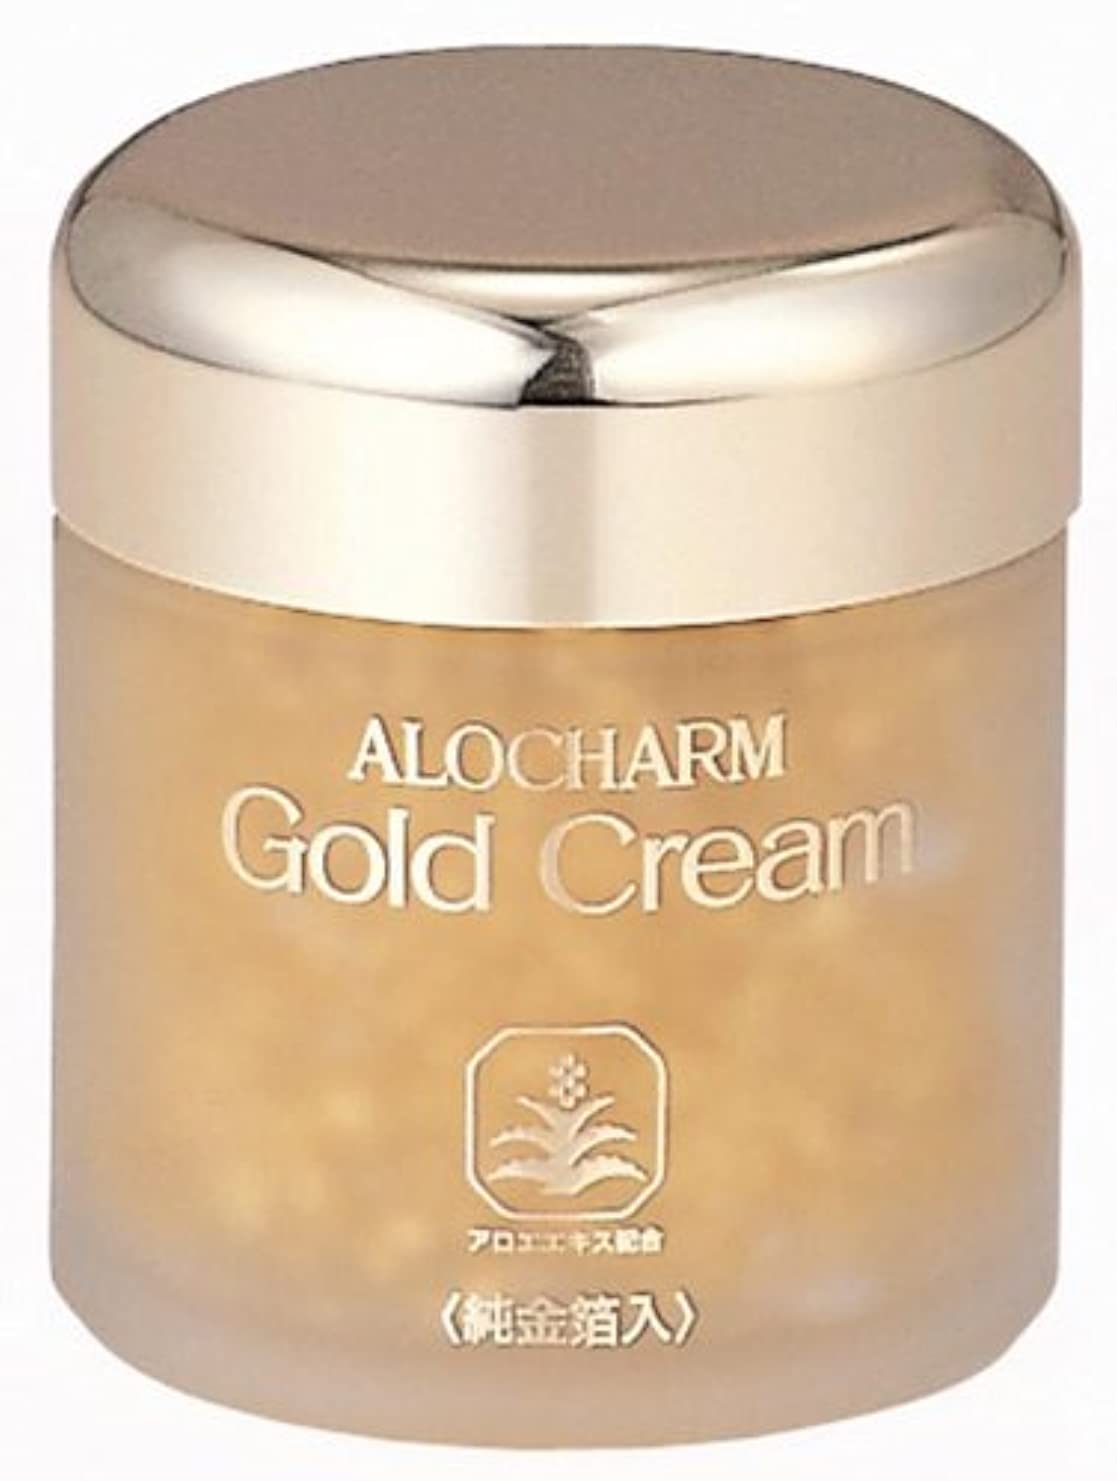 説明実際のはっきりしないアロチャーム 純金箔入り ゴールドクリーム 65g